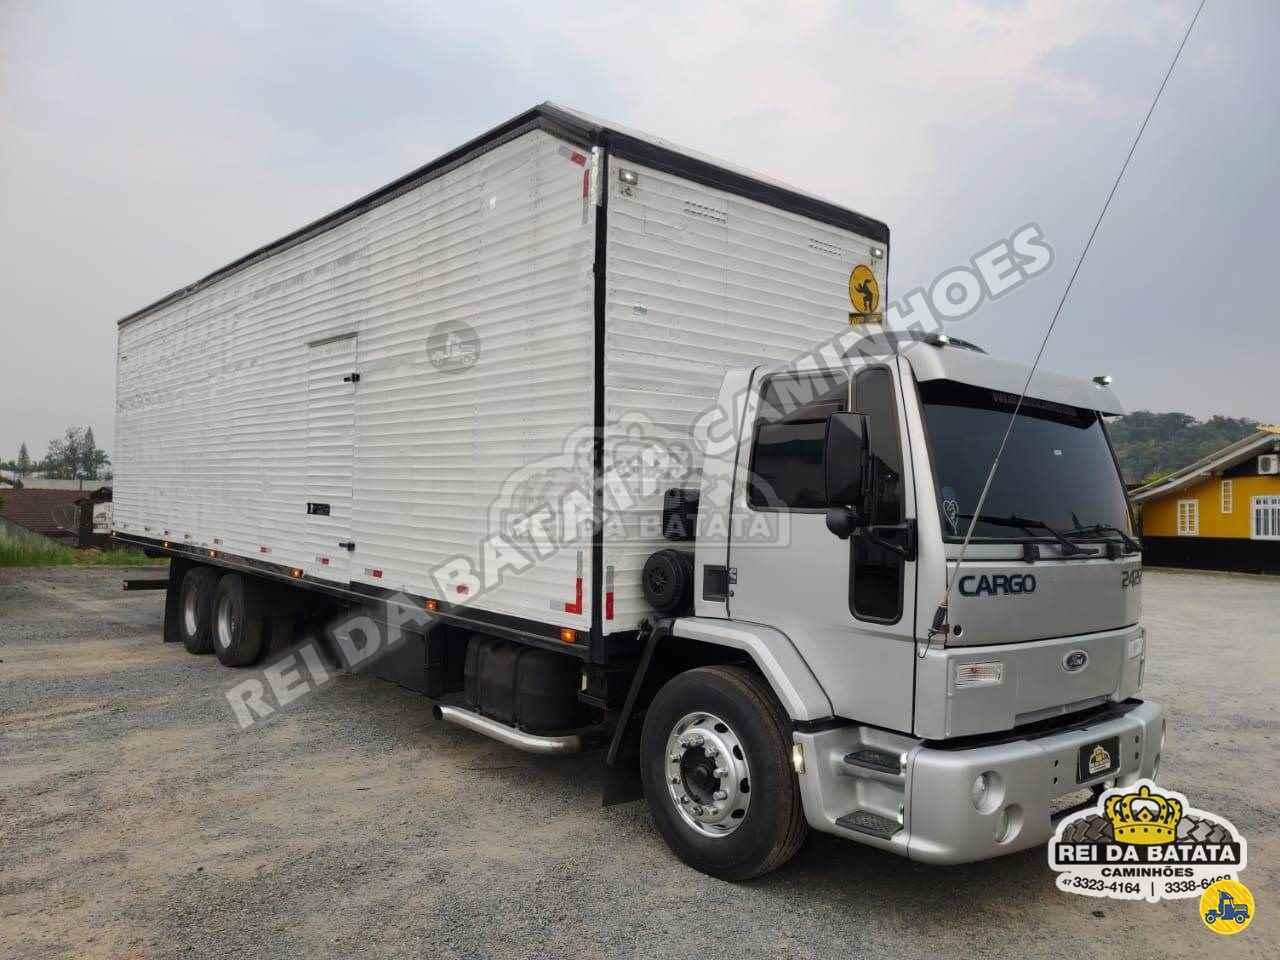 CAMINHAO FORD CARGO 2422 Baú Furgão Truck 6x2 Rei da Batata Caminhões BLUMENAU SANTA CATARINA SC